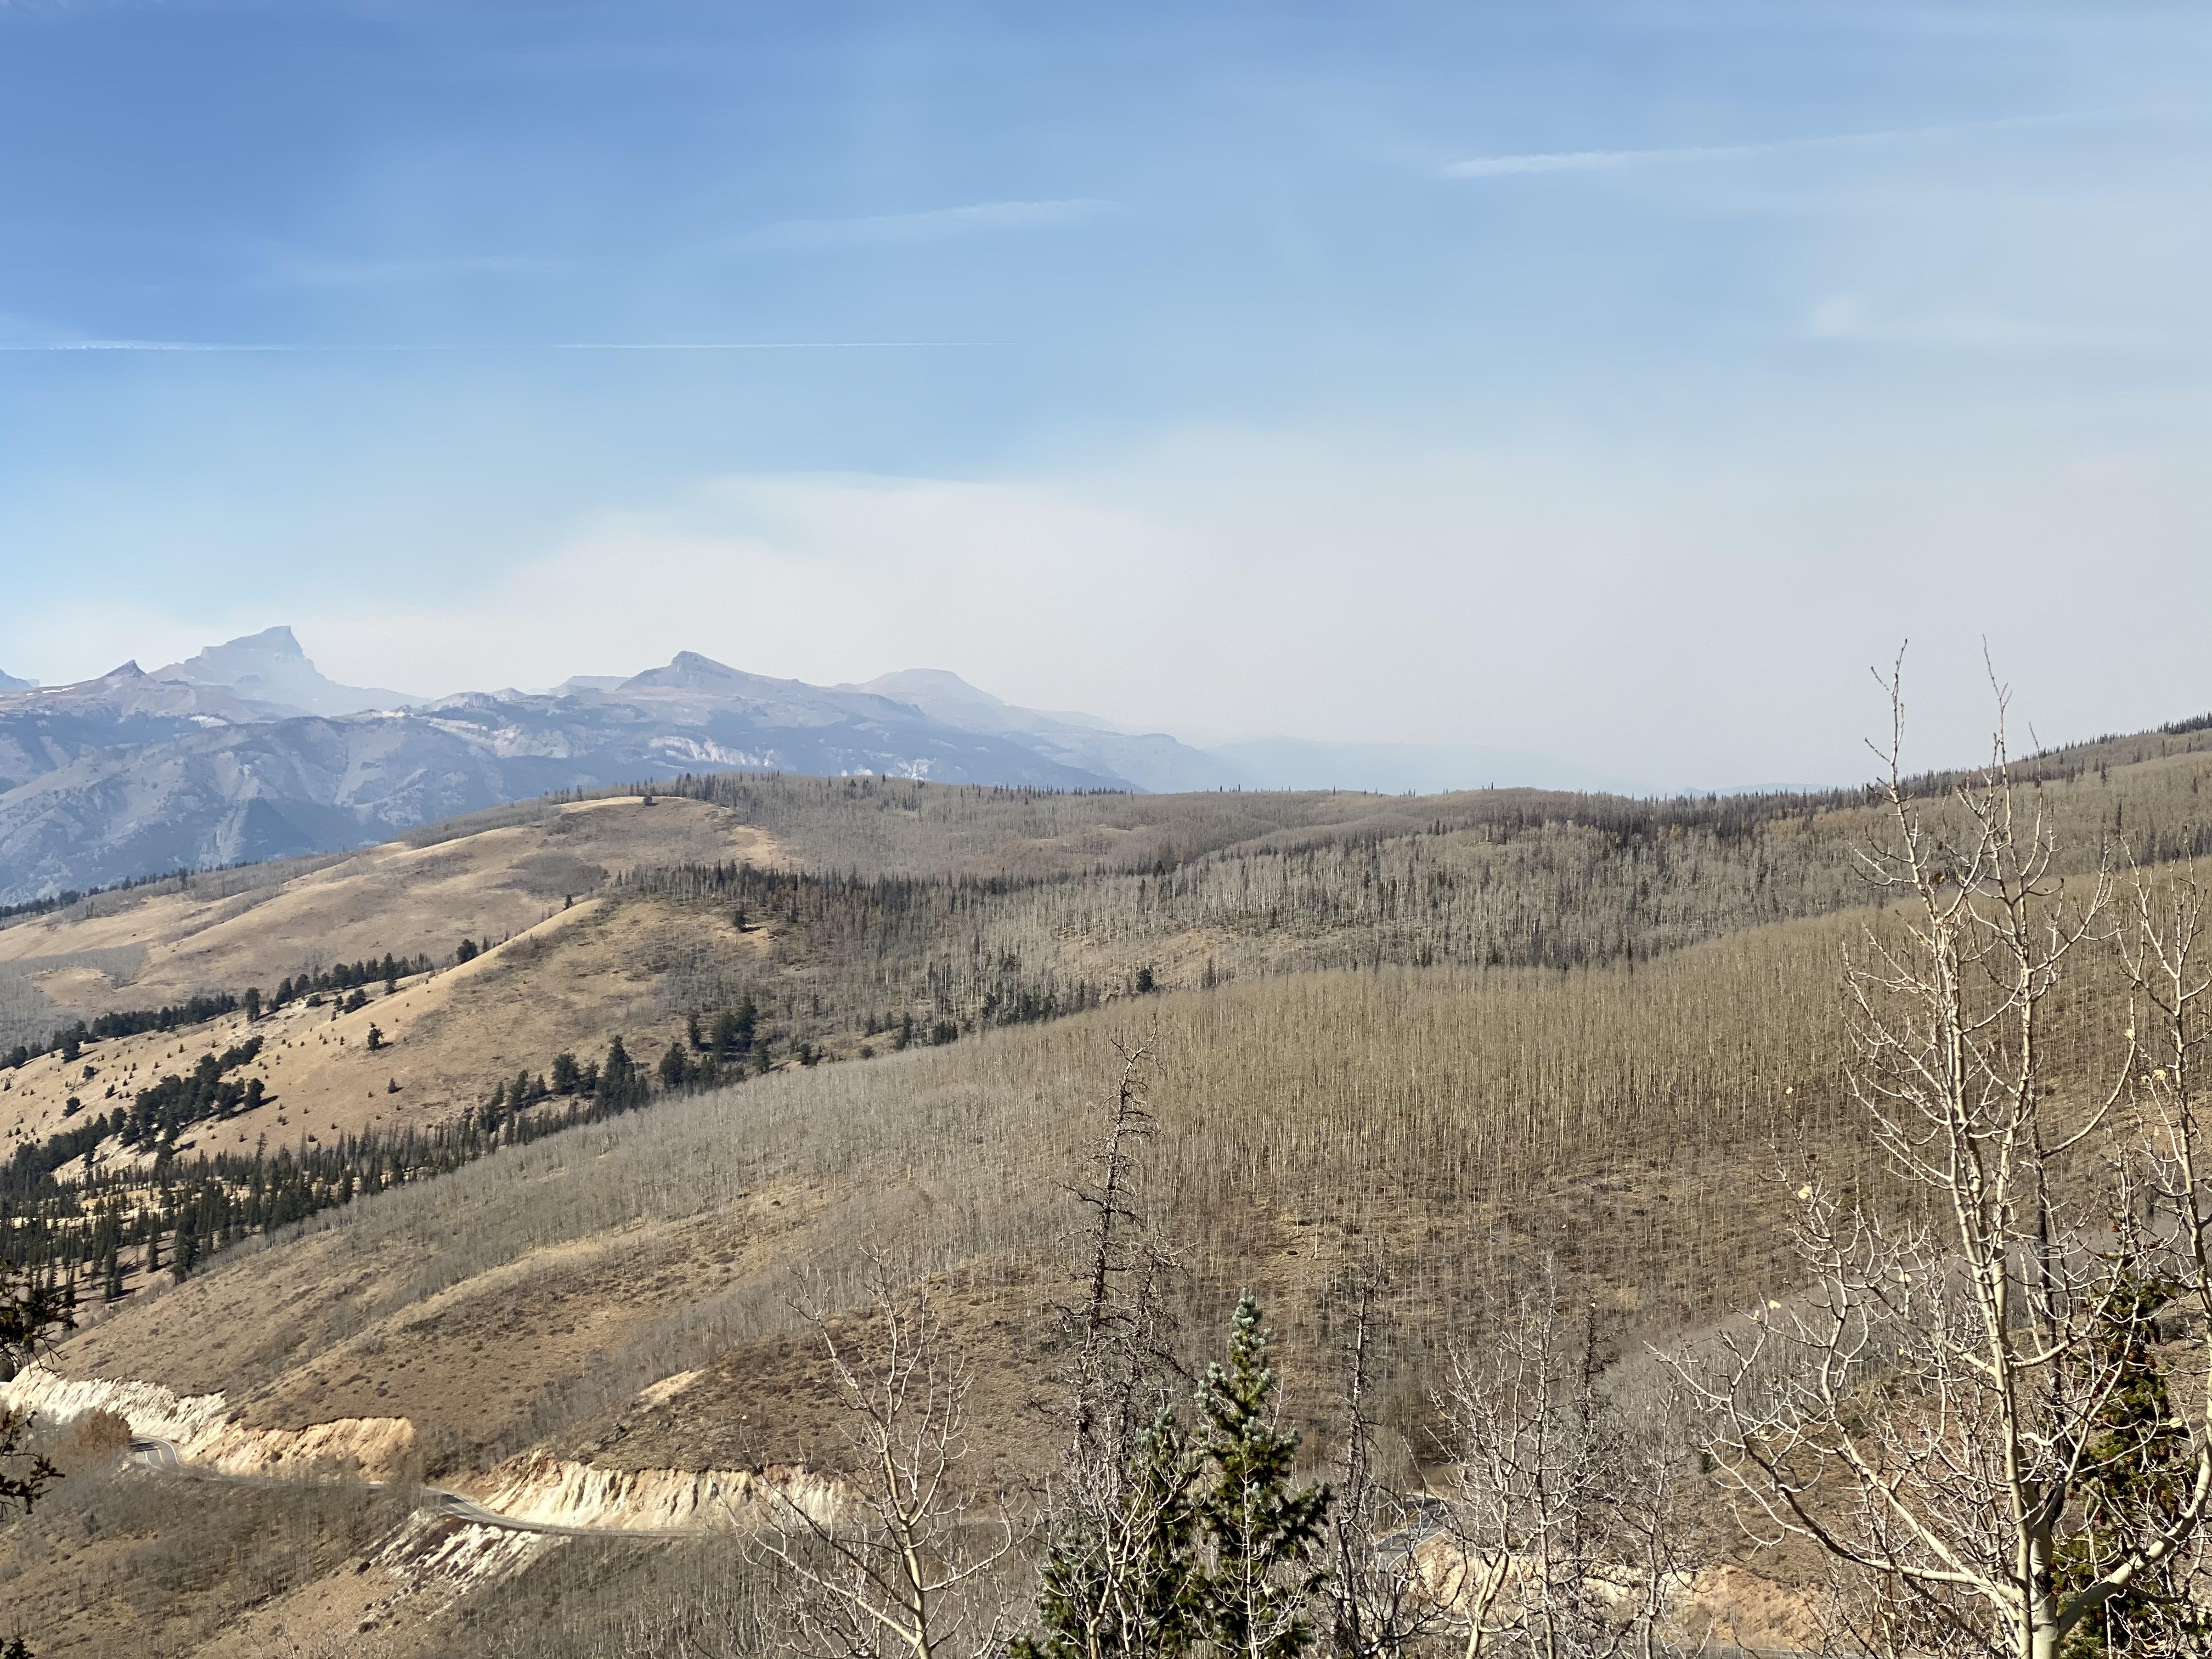 Wildfire smoke as seen from the Windy Point overlook near Slumgullion Pass.